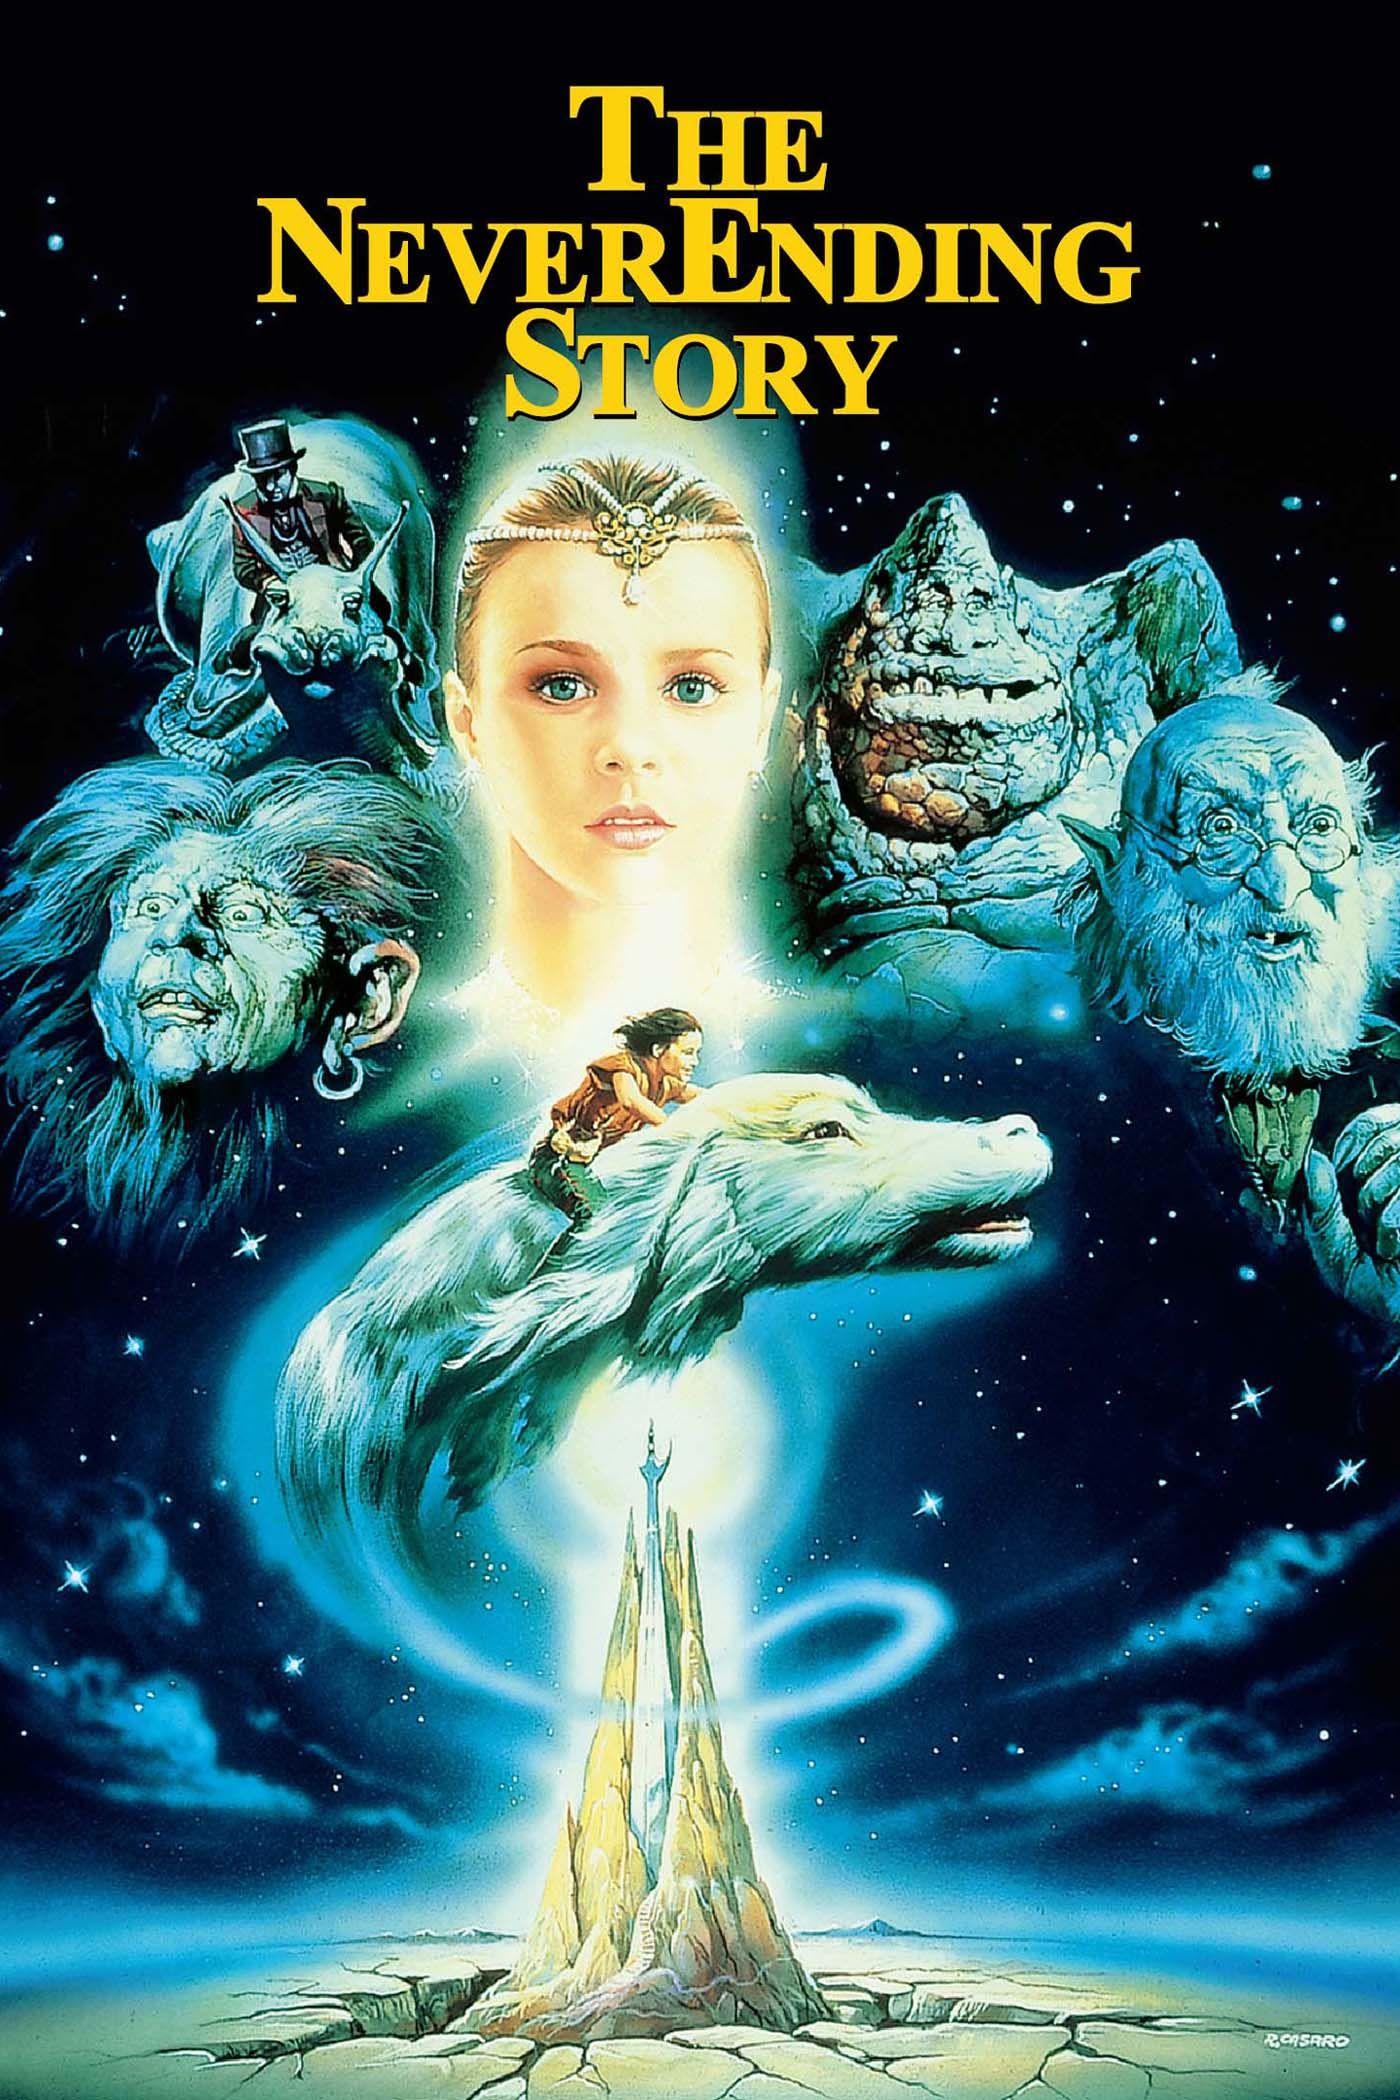 The Neverending Story La Historia Sin Fin Ost Identi Peliculas Fantasia La Historia Sin Fin Peliculas Divertidas